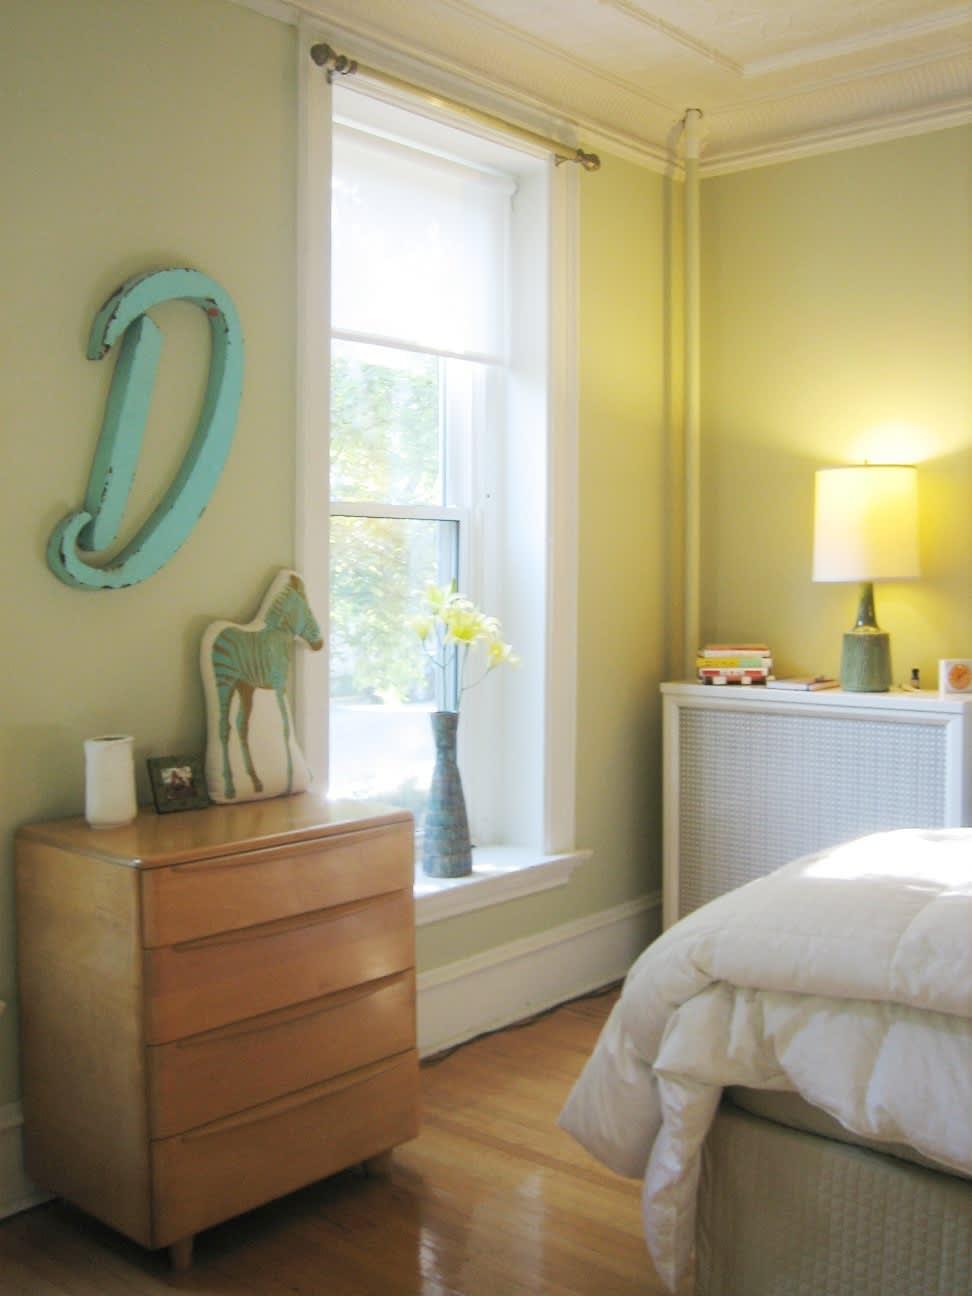 House Tour: Dana's Sunny Logan Square Apartment: gallery slide thumbnail 1